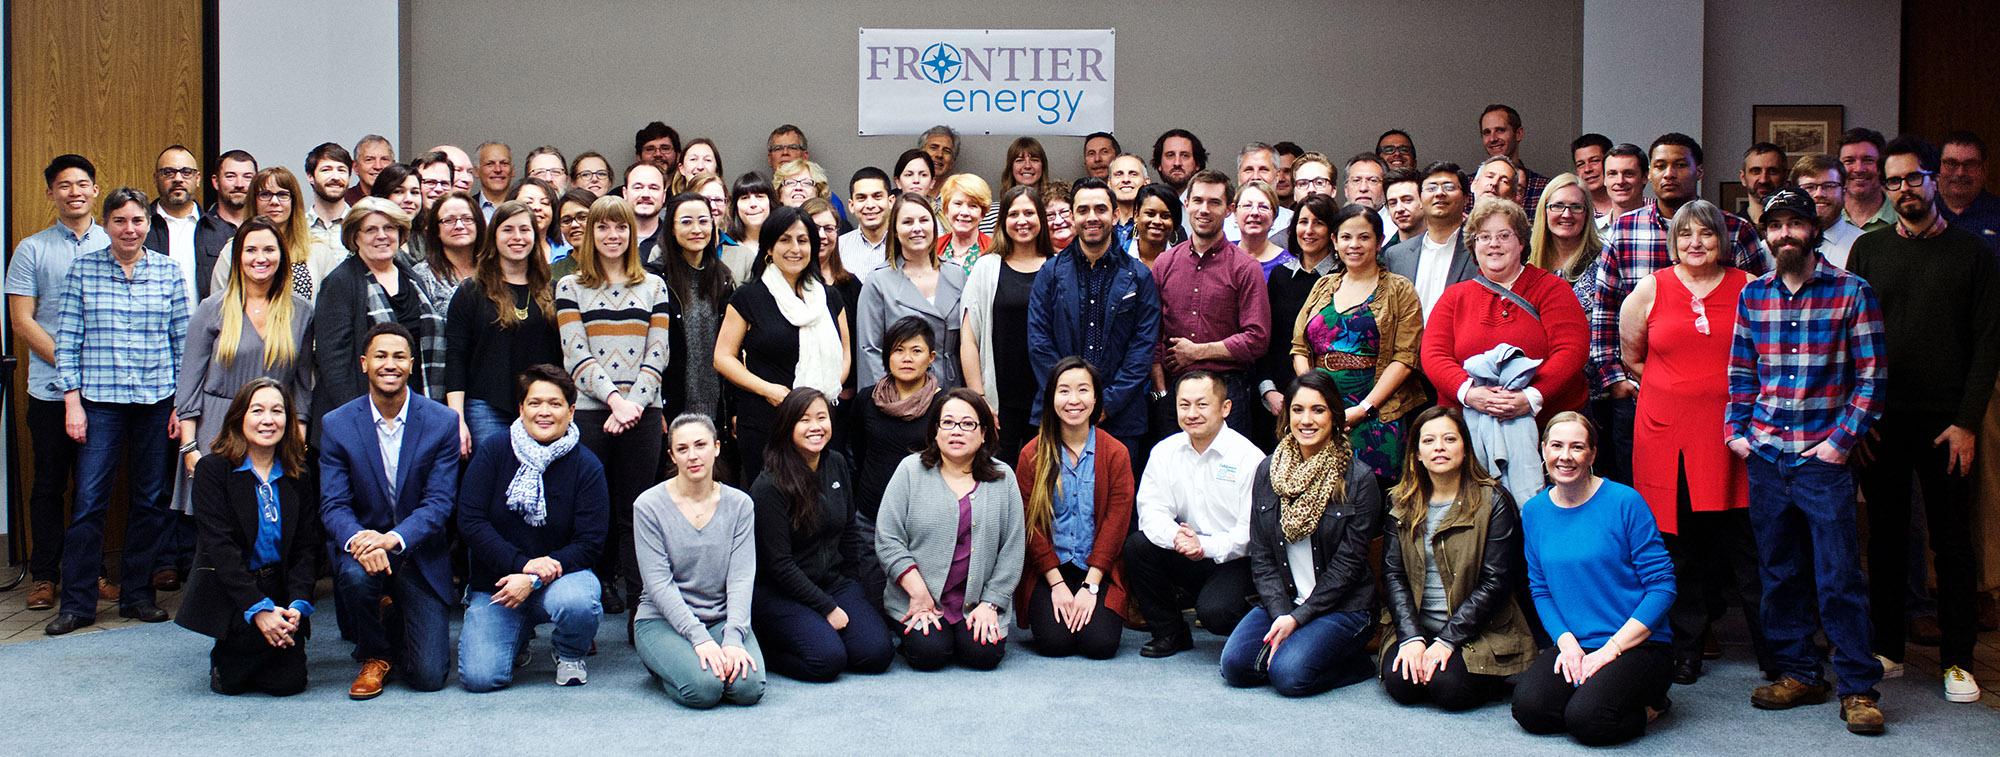 Frontier Energy Team